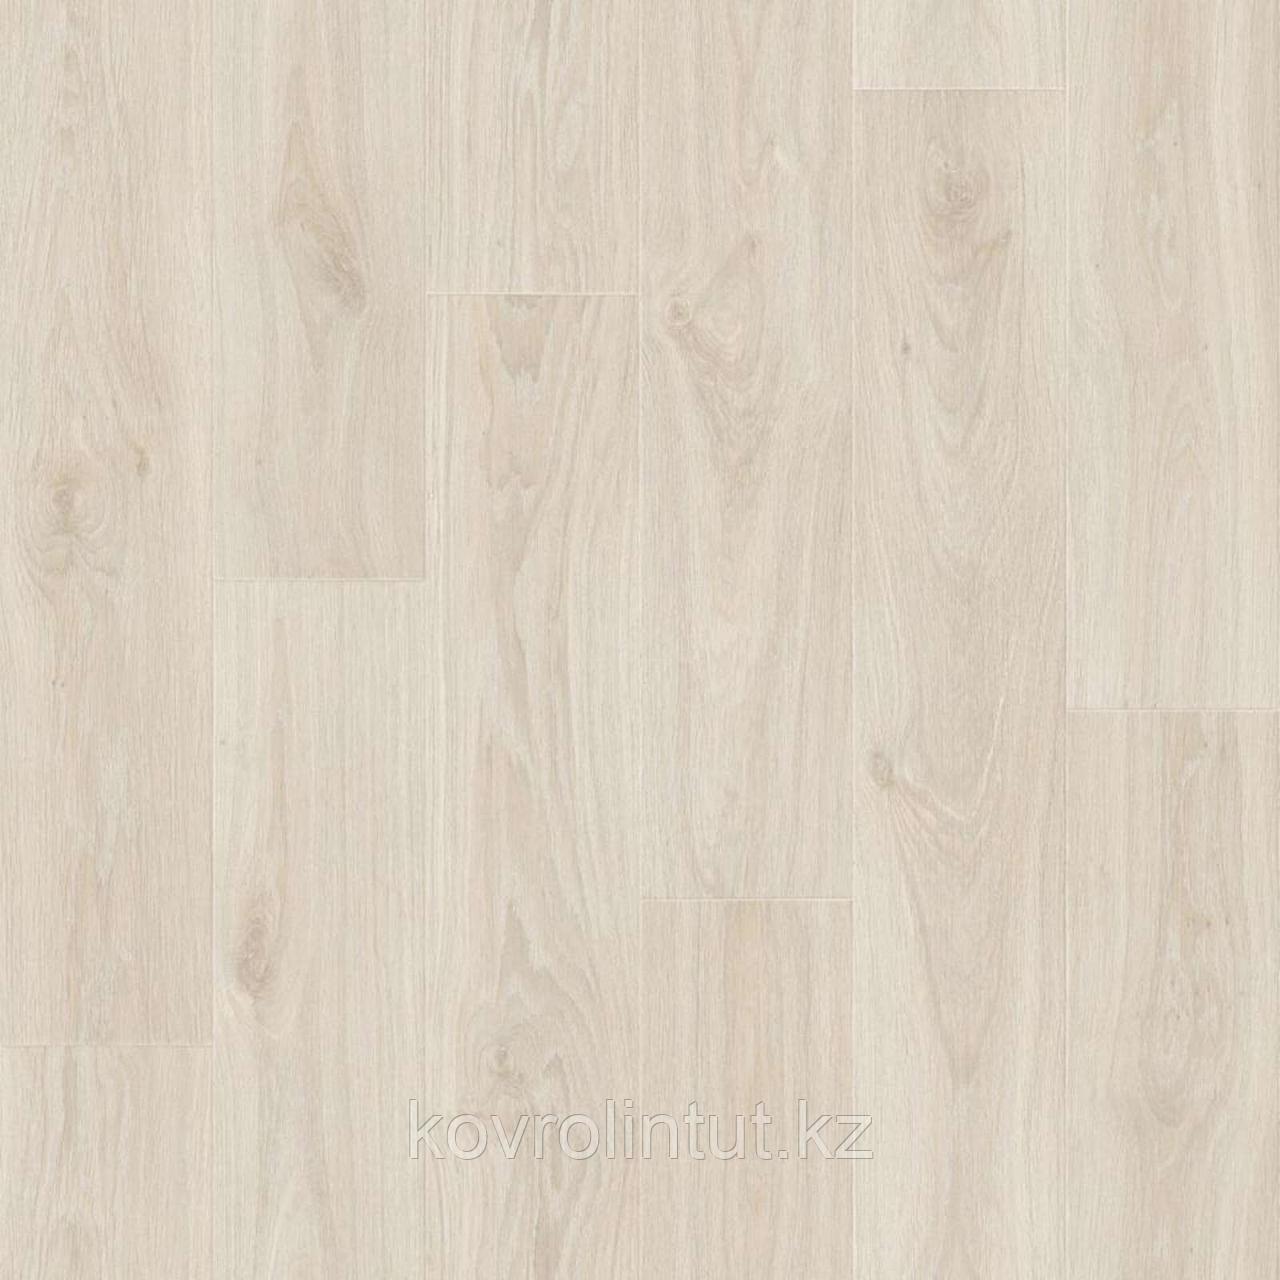 Линолеум Tarkett бытовой Favorit Muskat 1 3,5 м